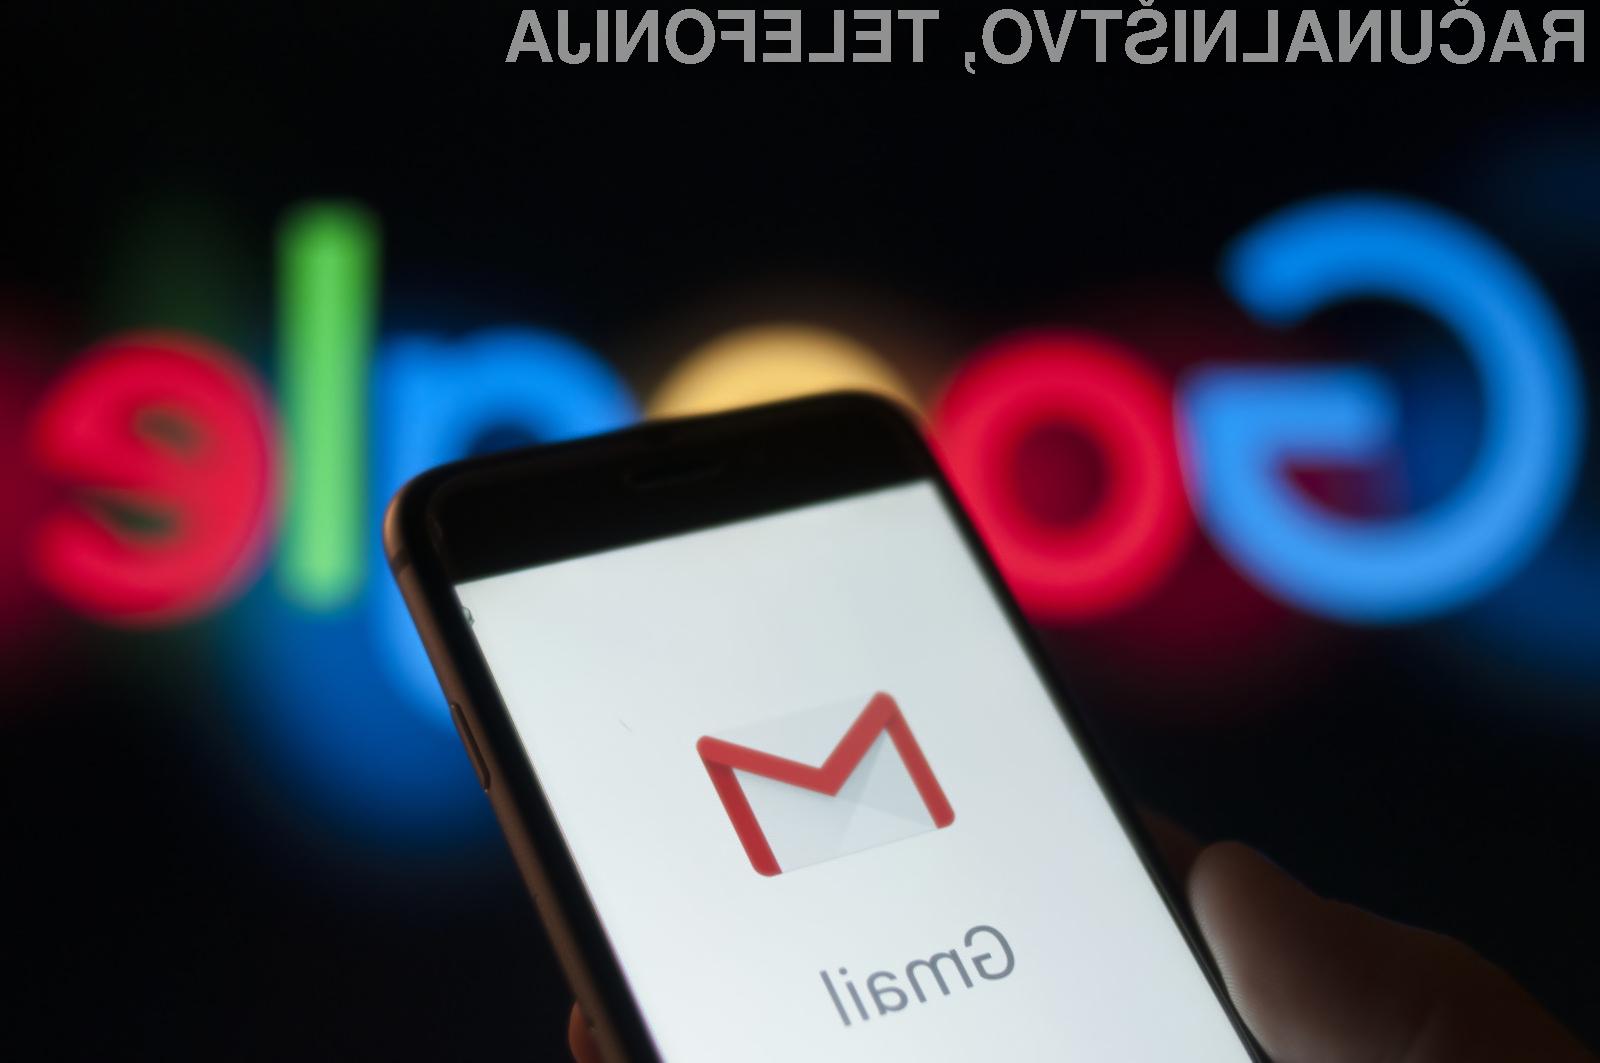 Uporabniki bomo obvestila na Applove naprave prejeli le, ko bo e-sporočilo za nas dejansko pomembno.